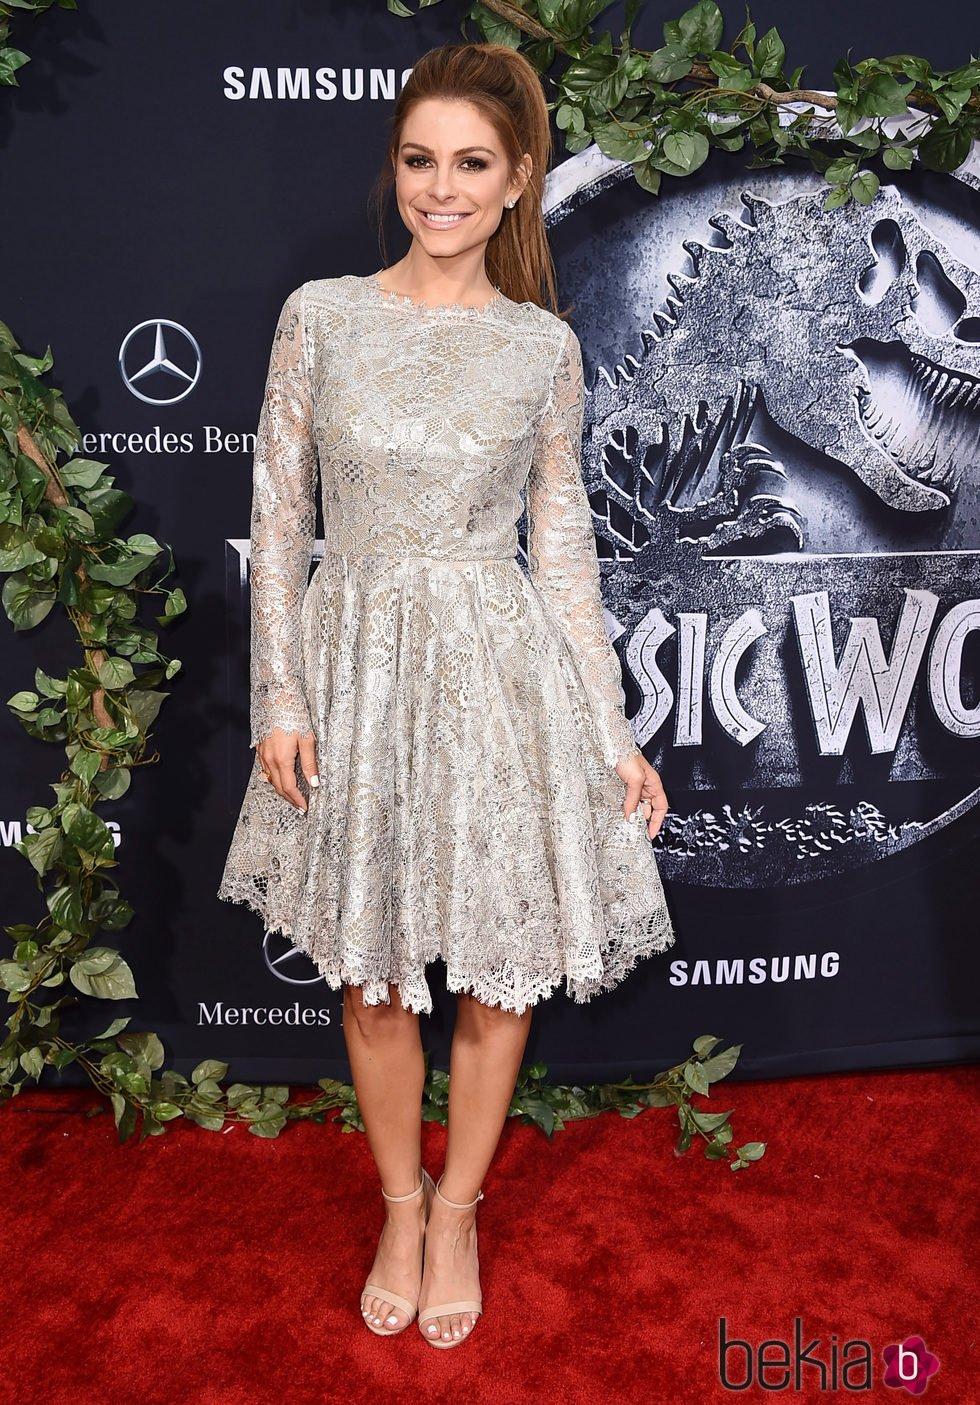 María Menounos en el estreno de 'Jurassic World' en Los Angeles